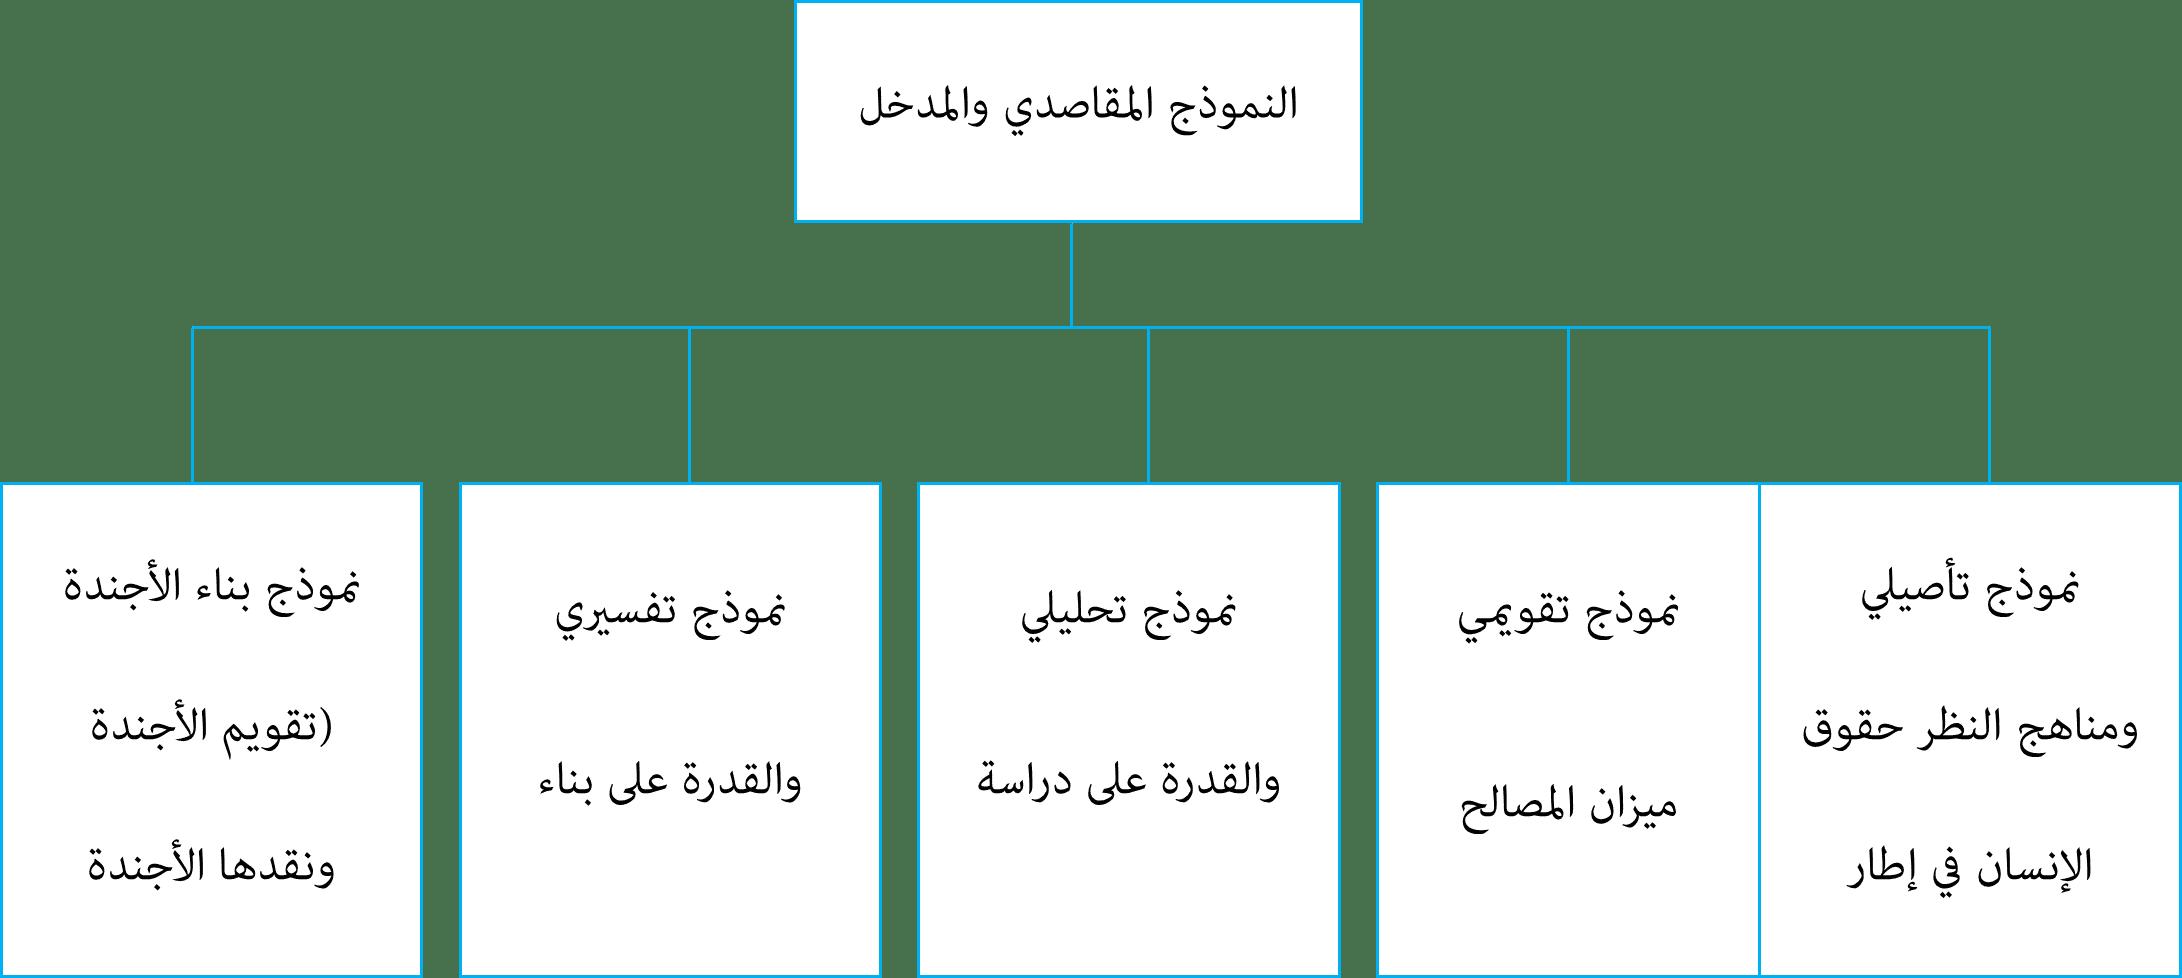 المنهجية الإسلامية التطبيقات ونماذج التشغيل-3